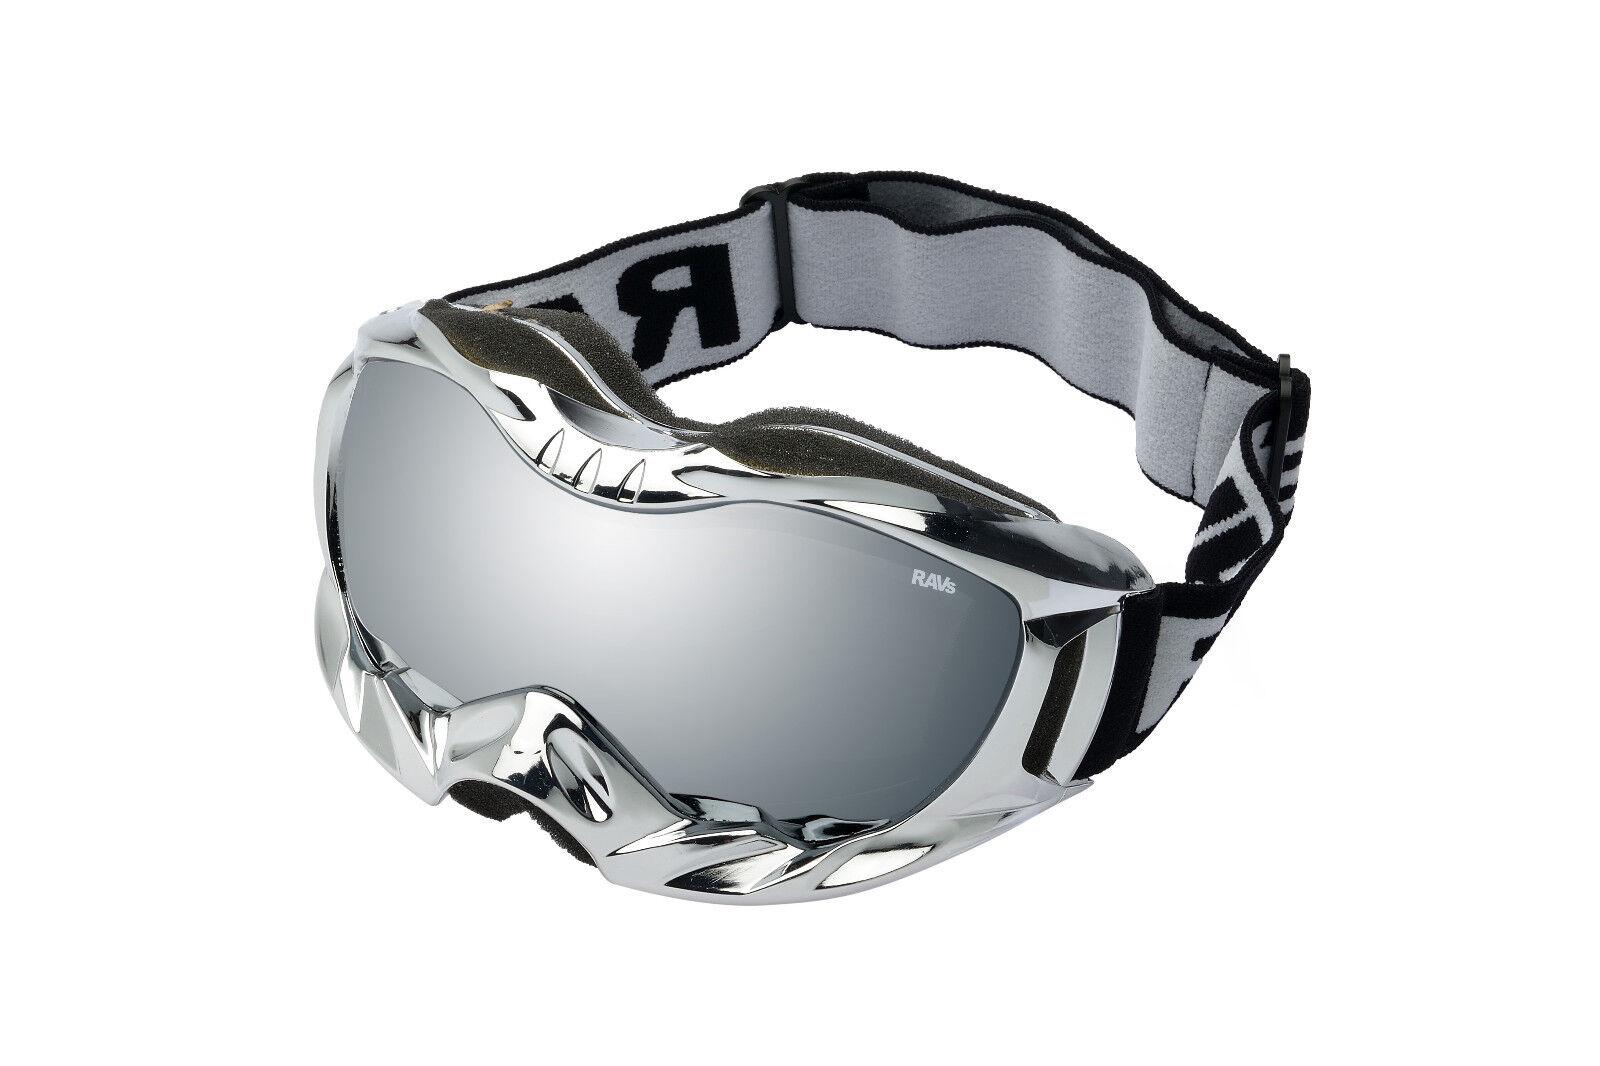 Ravs Skibrille Schutzbrille Snowboardbrille Helmkompatibel Gestellfarbe Chrom